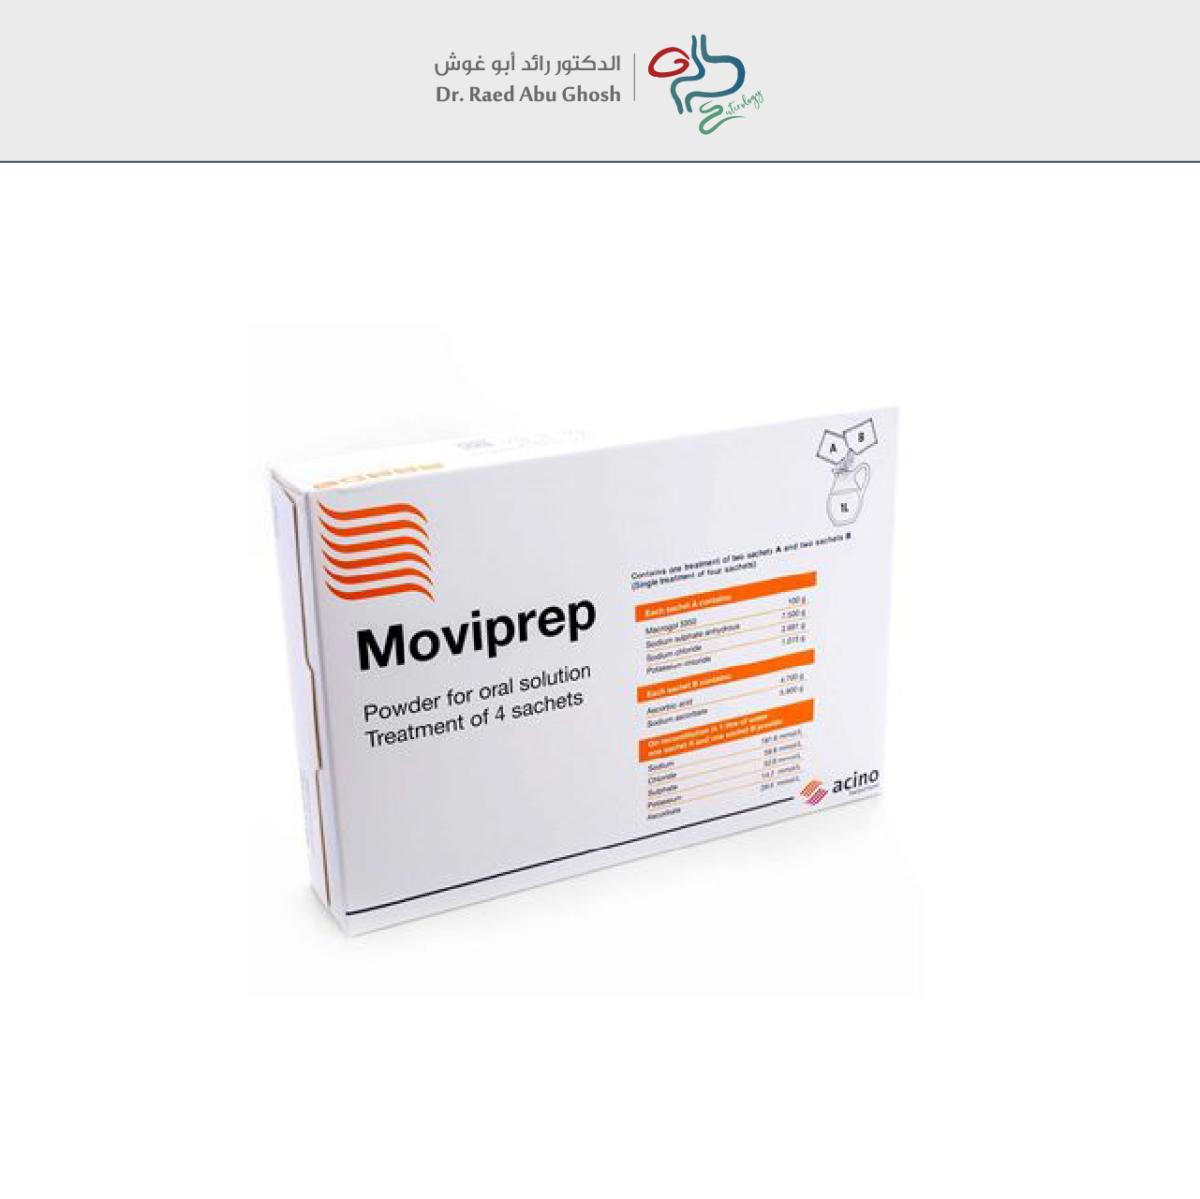 -رائد-التحضير-للتنظير-الهضمي-السفلي-باستخدام-MoviPREP-1200x1199.png